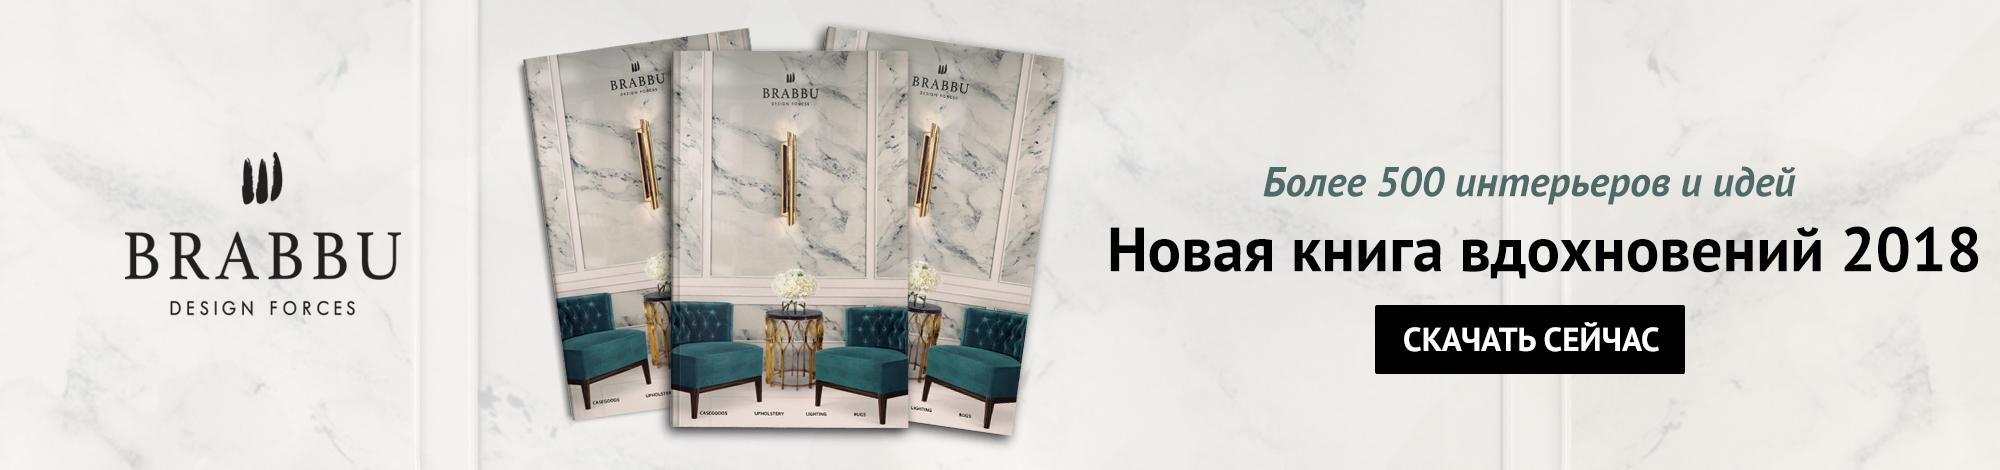 Для любителей мопсов и дизайна интерьера дизайна интерьера Для любителей мопсов и дизайна интерьера ❤️ banner 1